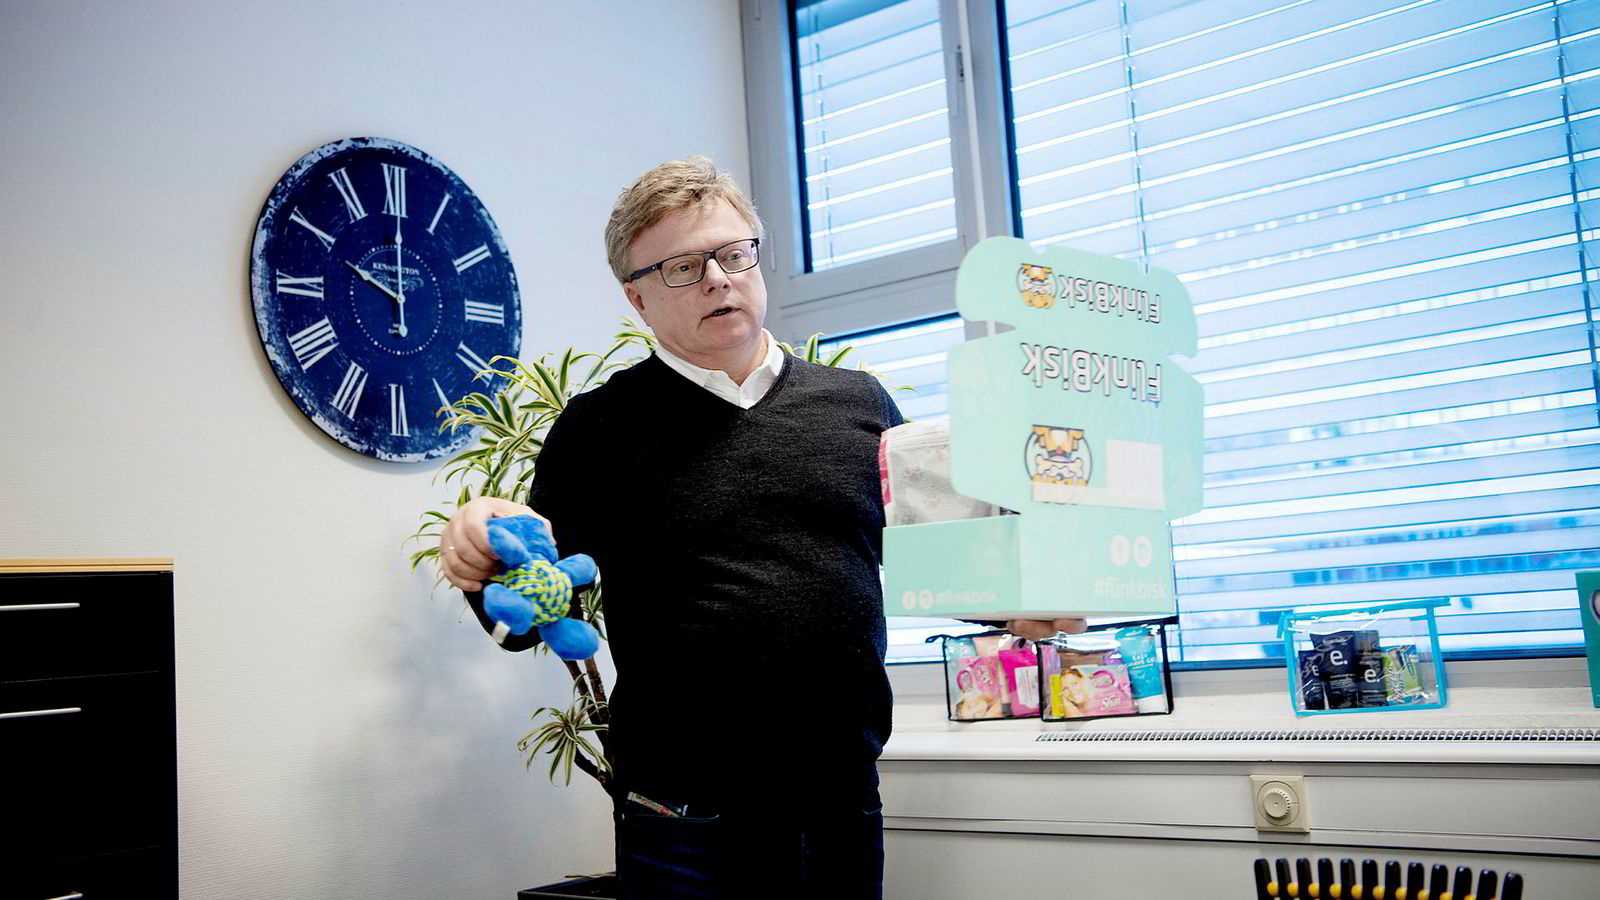 Kjell Ove Kvalheim (56) driver en rekke ulike virksomheter fra Ensjø i Oslo. I tillegg til et spåtjenesteselskap som ikke lenger ligger på Svalbard, og litt kontorarbeid med sitt nyeste søksmål mot staten, satser Kvalheim på postforsendelser av månedlige hundegaver til hundeeiere.